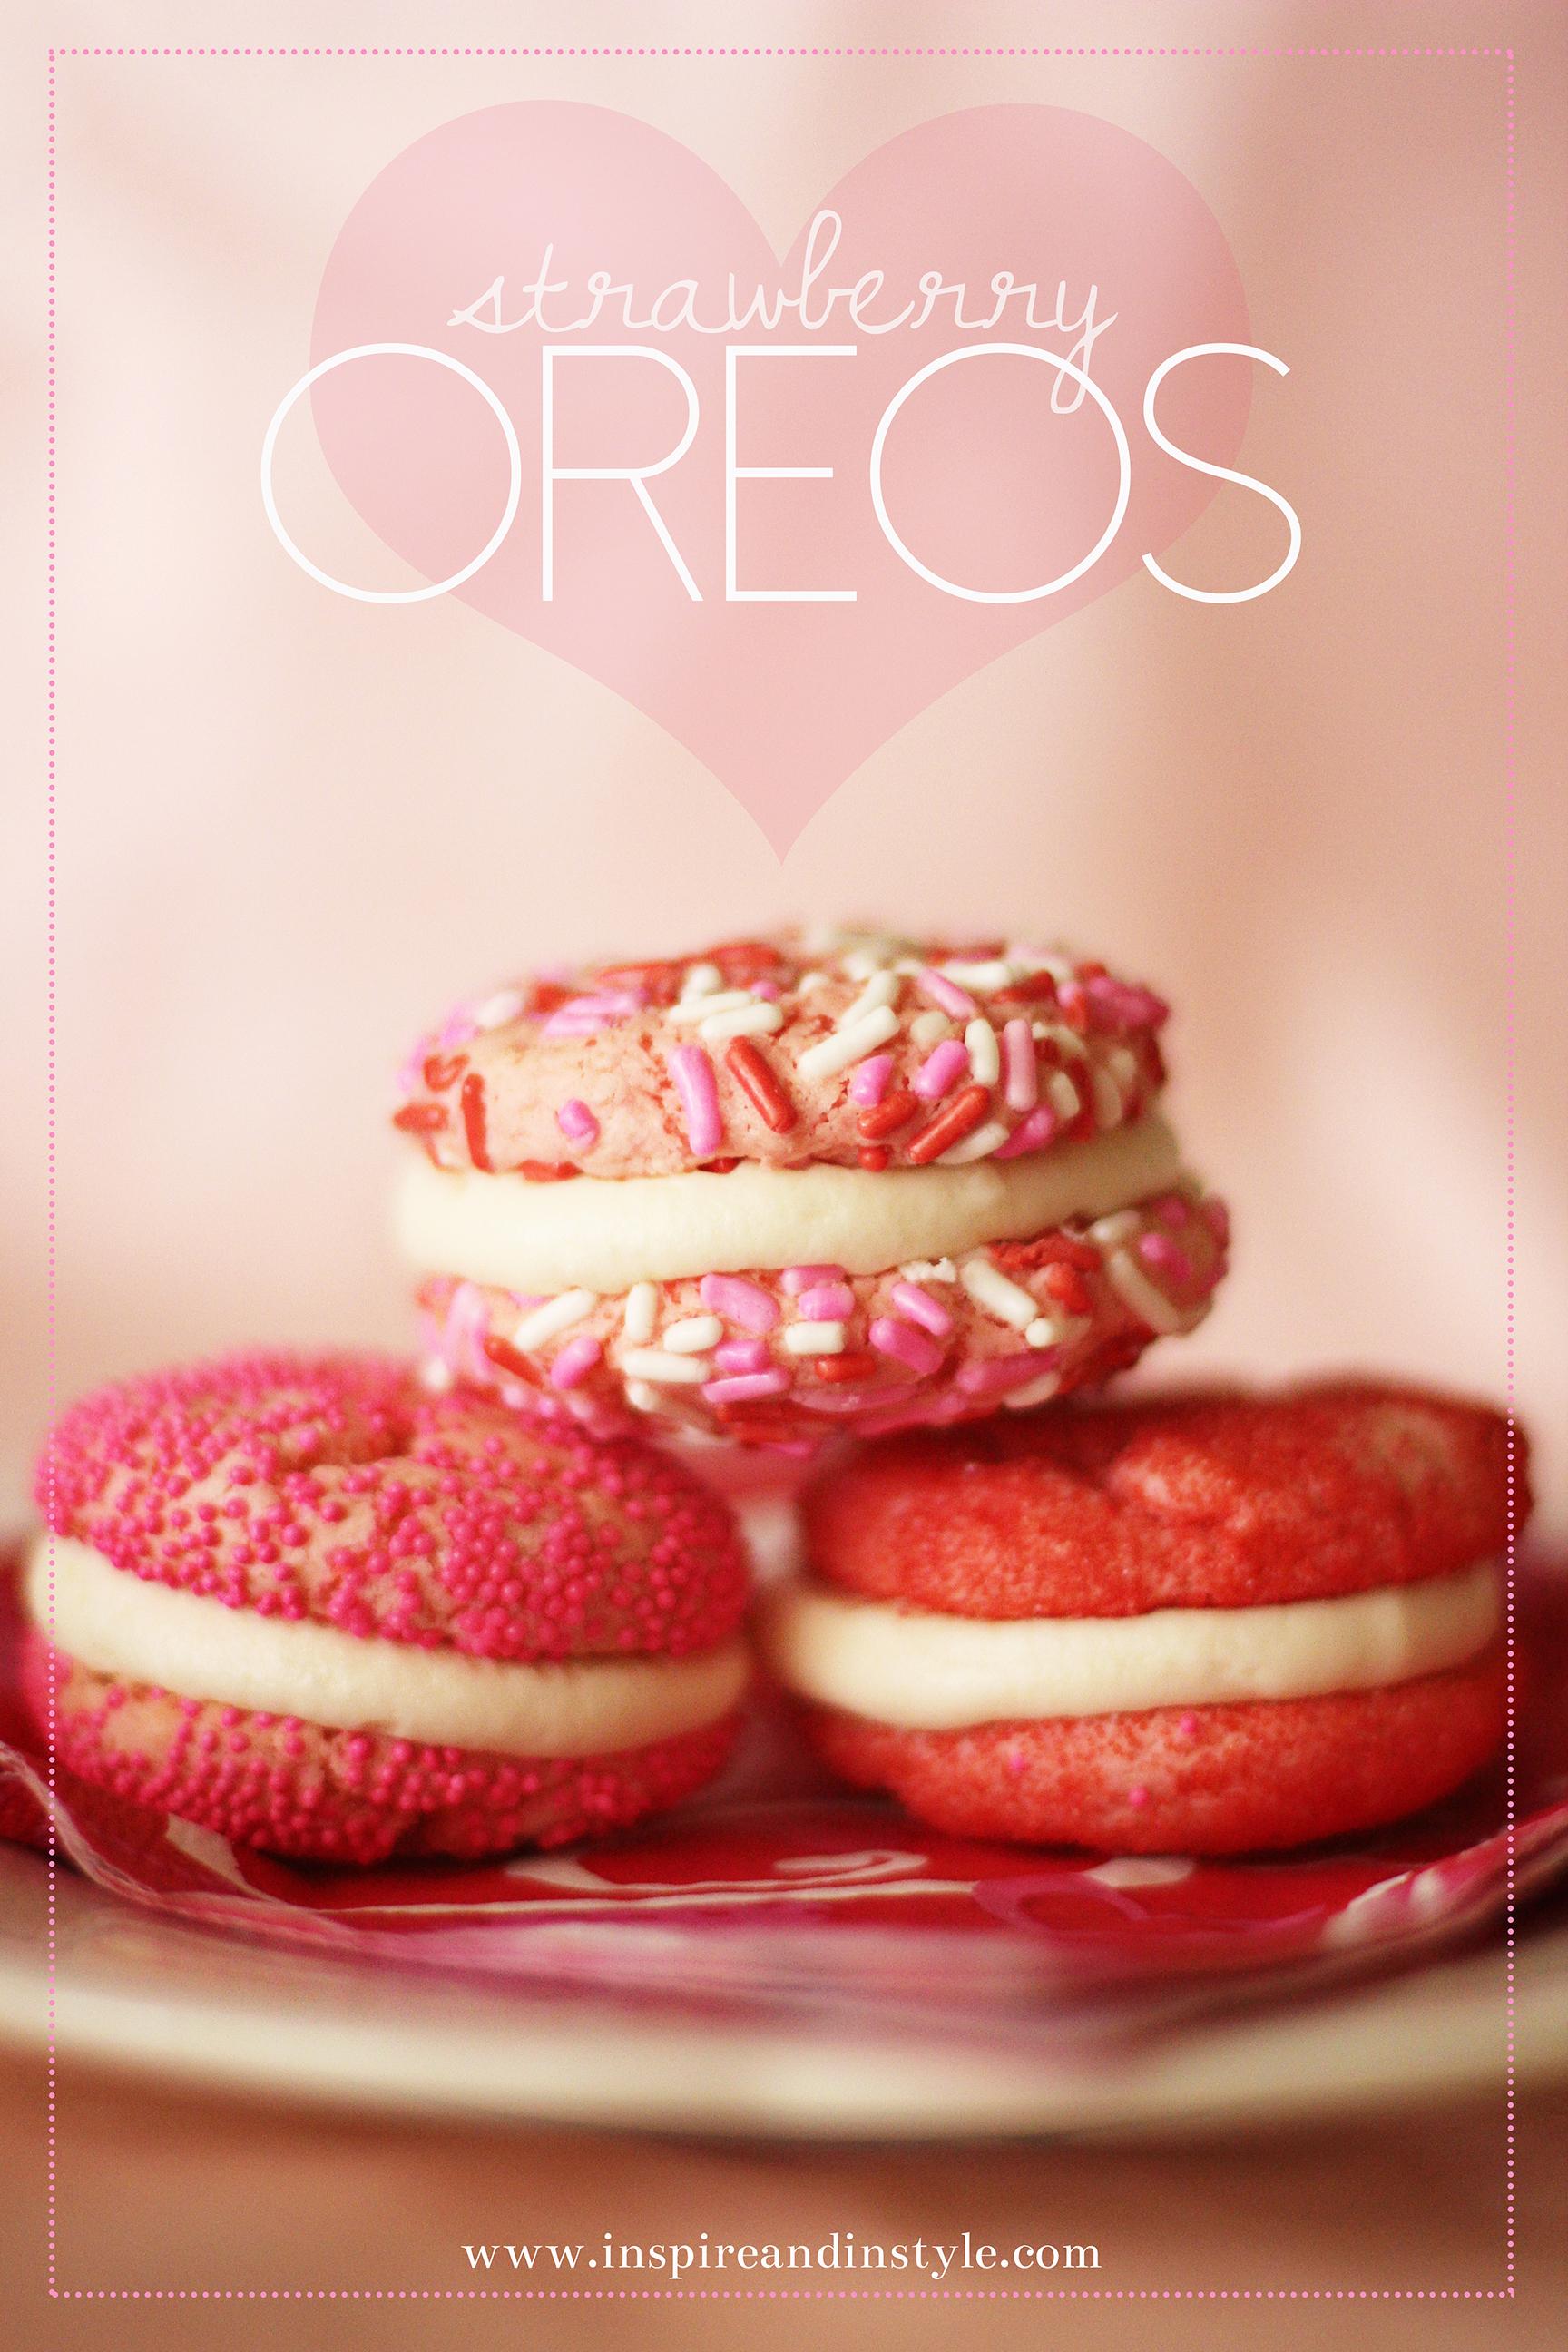 strawberryoreos50.jpg